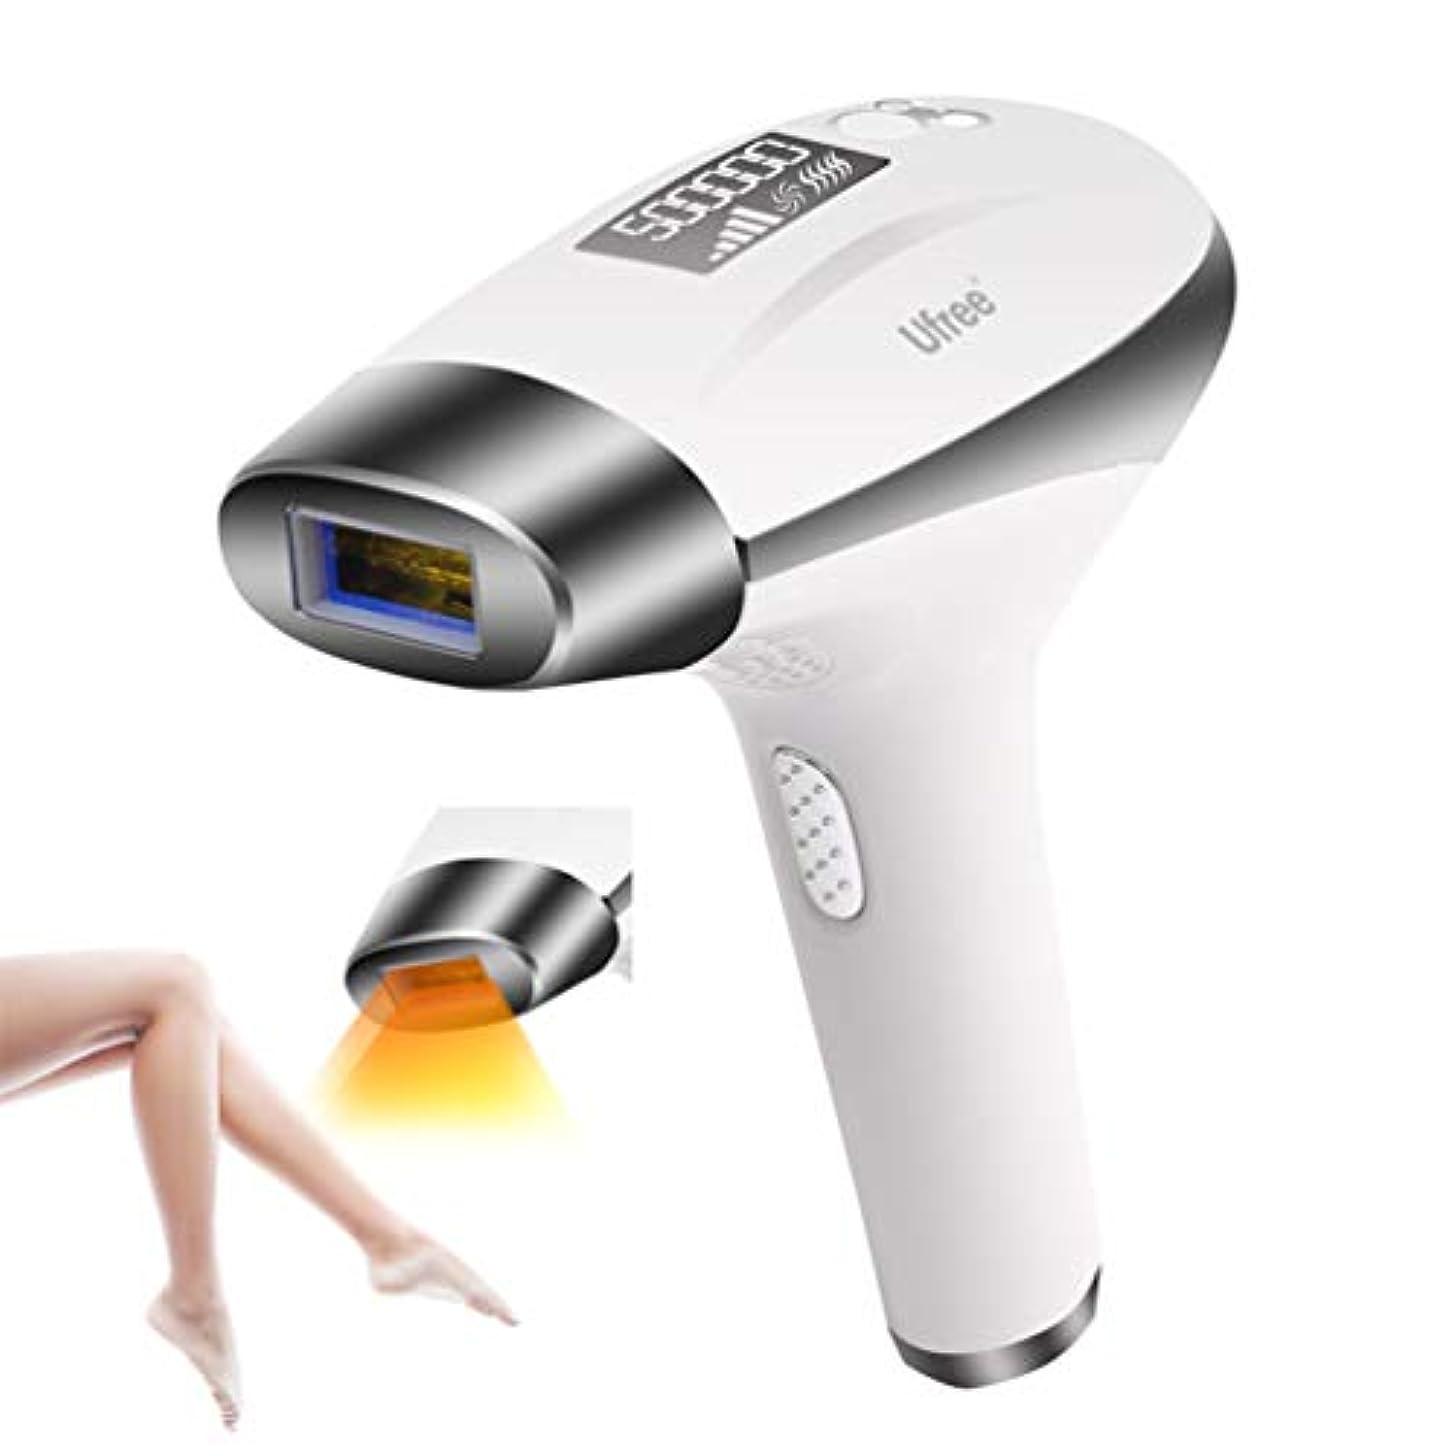 無心必須検出器女性の男性の体の顔とビキニ脇の下の痛みのない永久的な美容デバイスのポータブルレーザー脱毛ライト脱毛器